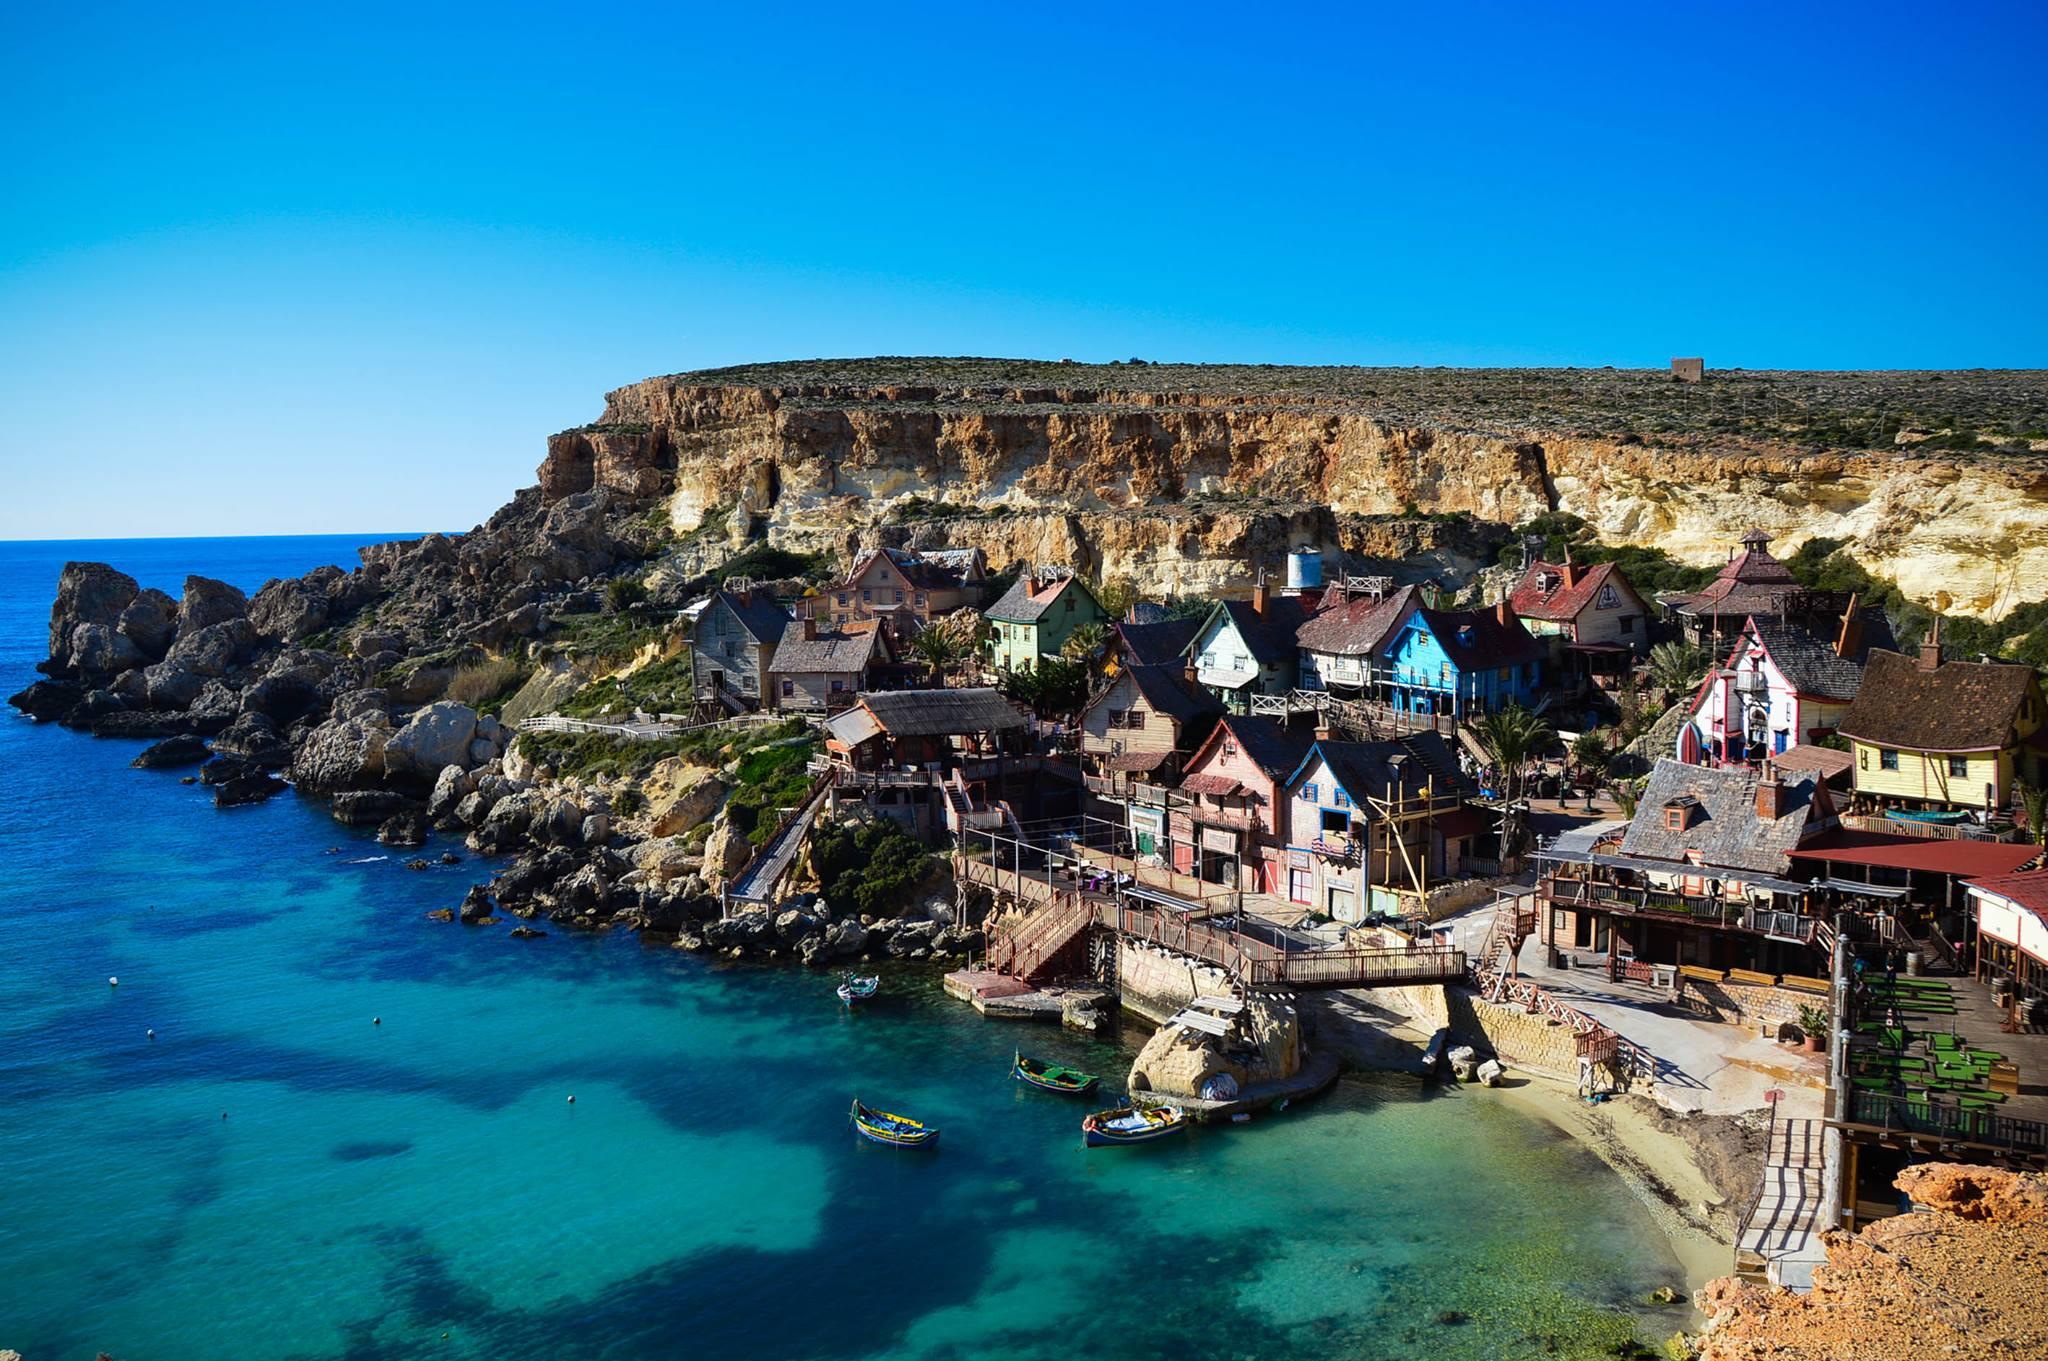 Rozhovor o Malte: Popeye Village